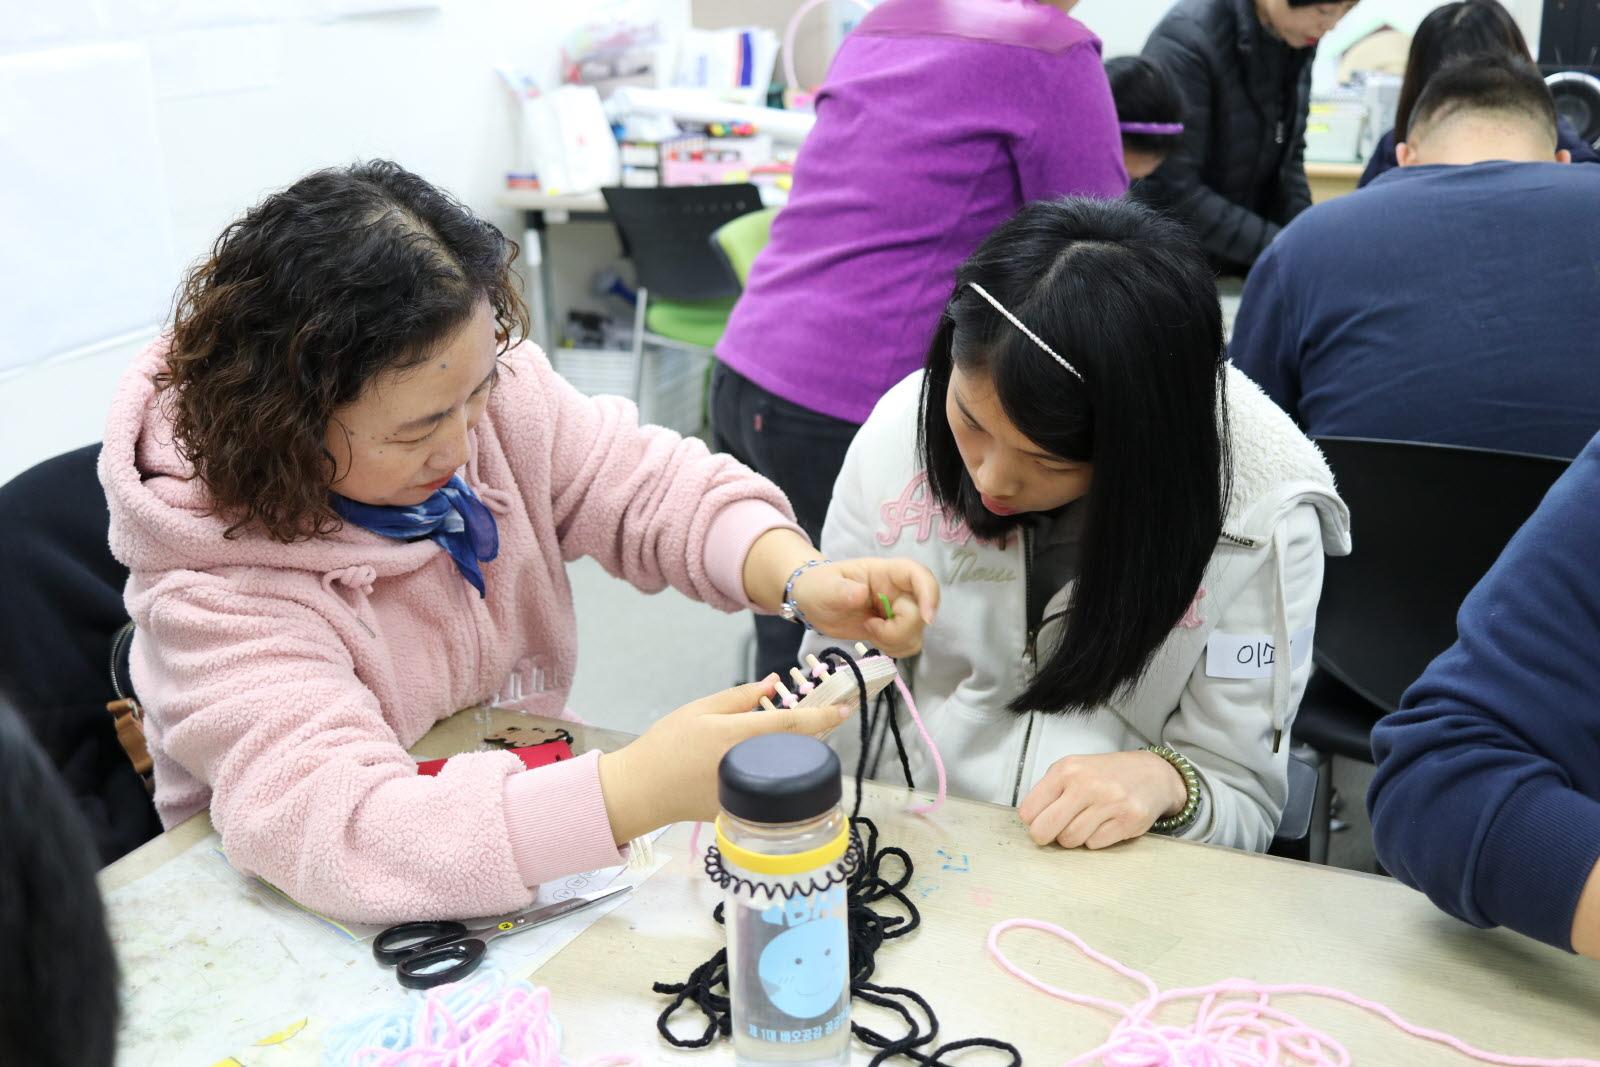 오산장애인종합복지관 강사님이 성인팀 평생교육실 교육생을 도와주는 모습